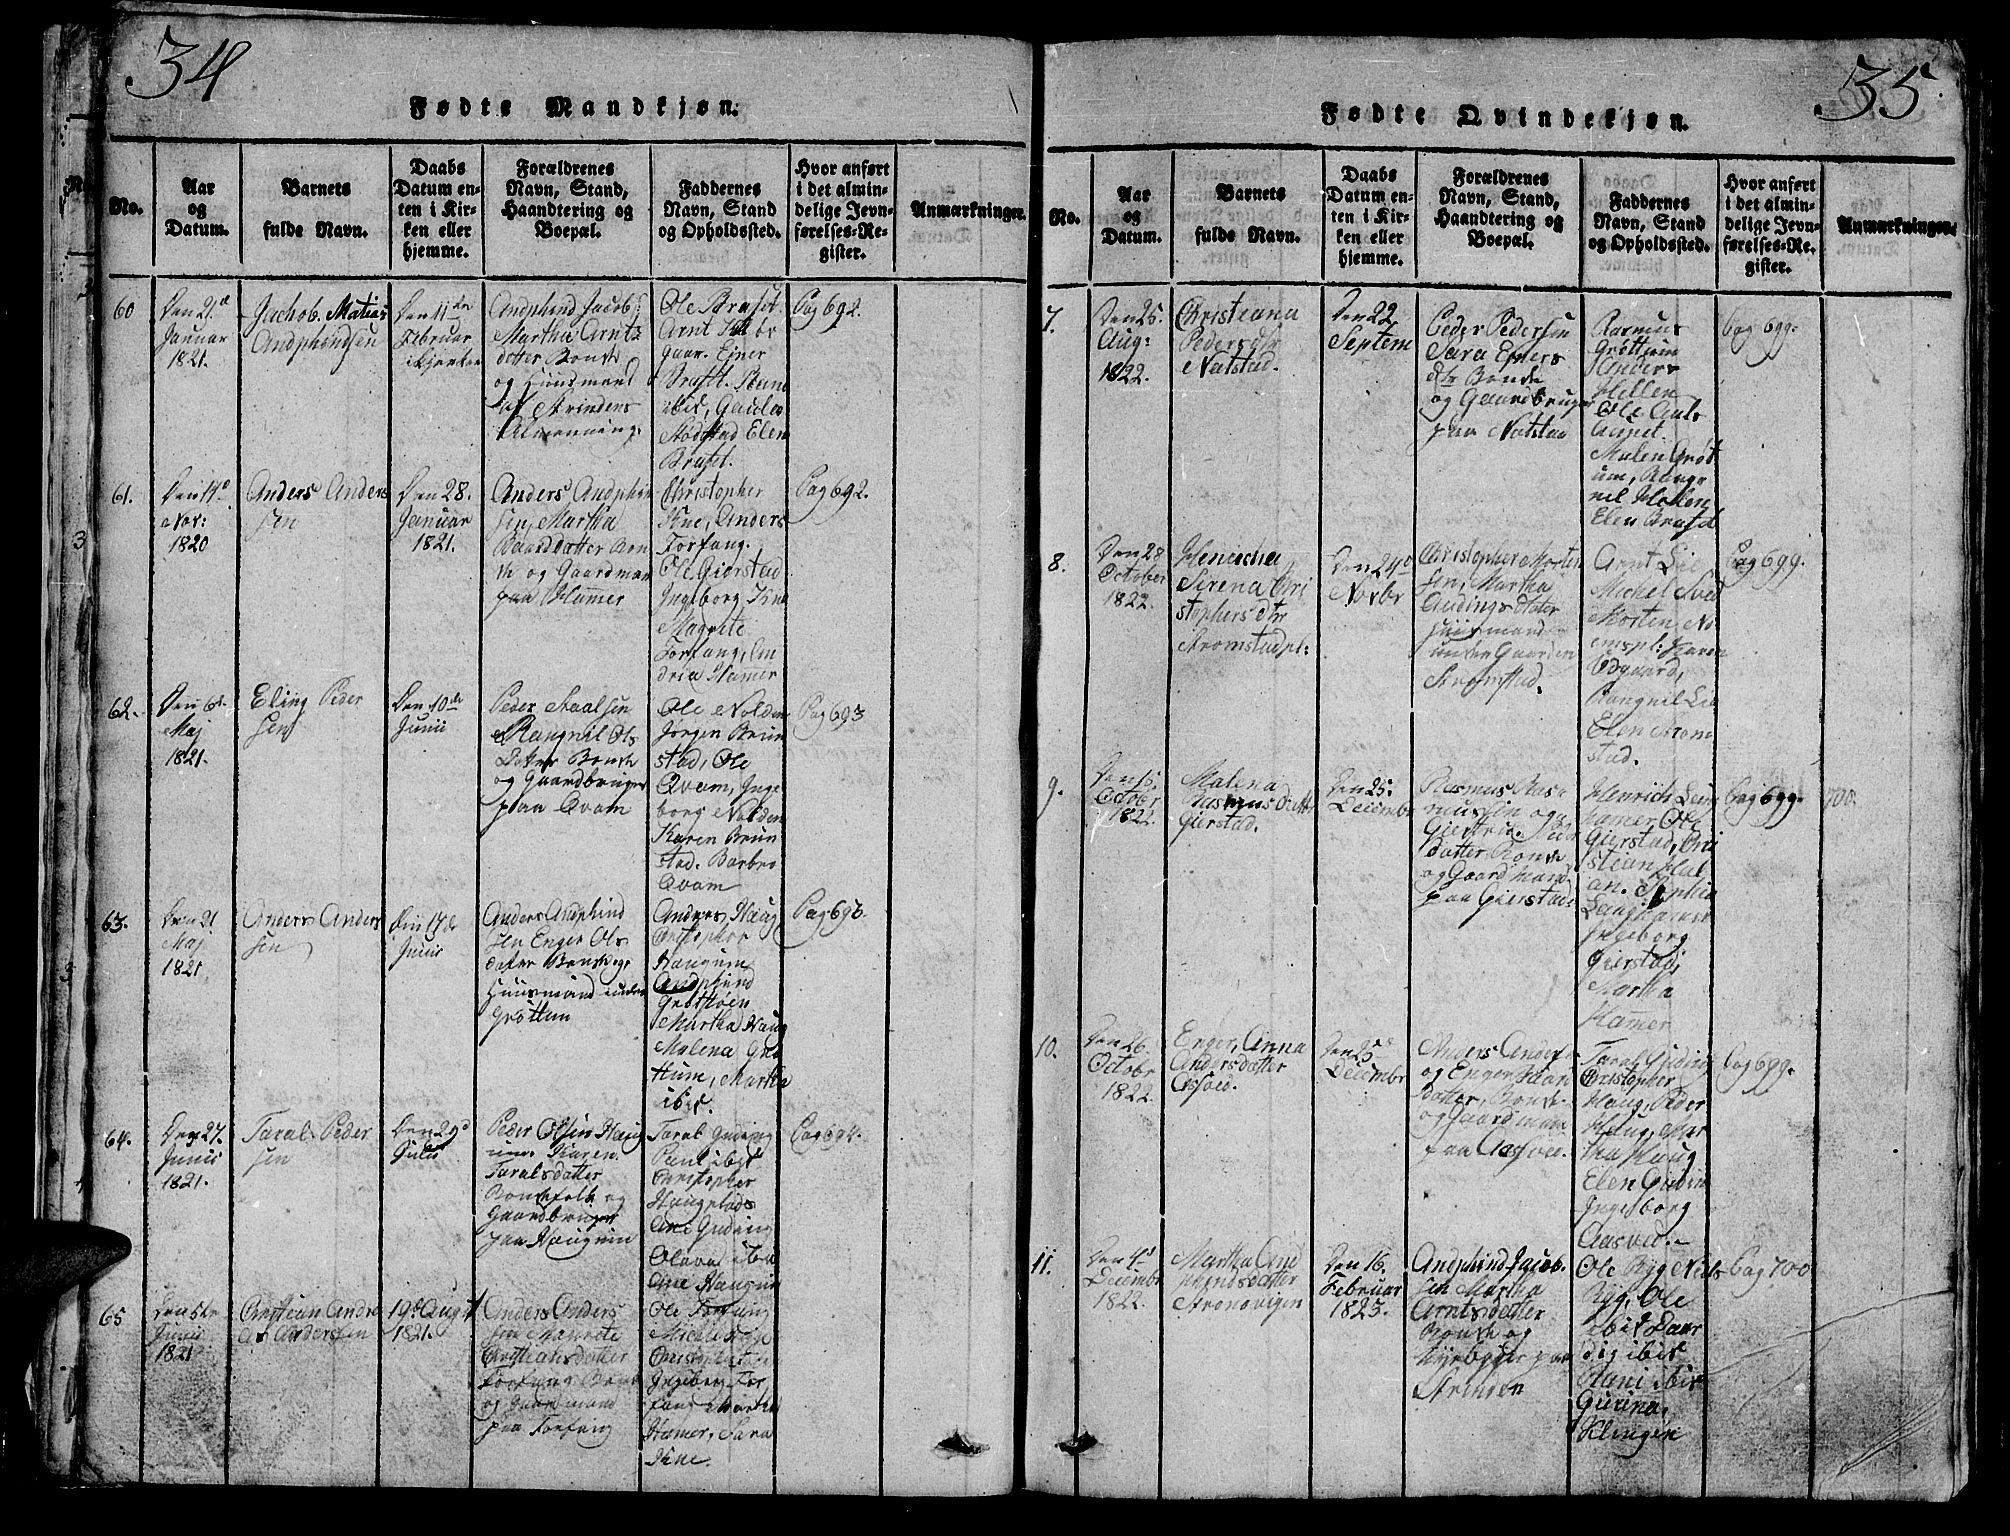 SAT, Ministerialprotokoller, klokkerbøker og fødselsregistre - Nord-Trøndelag, 747/L0459: Klokkerbok nr. 747C01, 1816-1842, s. 34-35